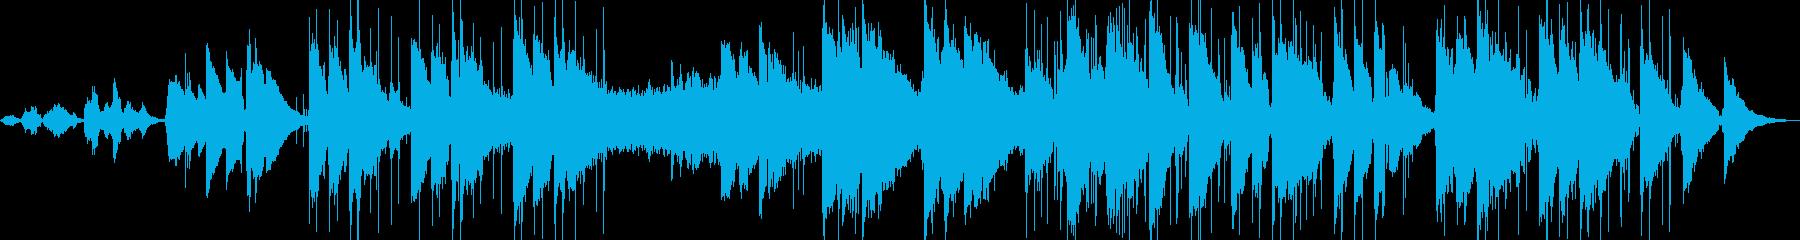 ボーカル、イージーリスニング、背景...の再生済みの波形